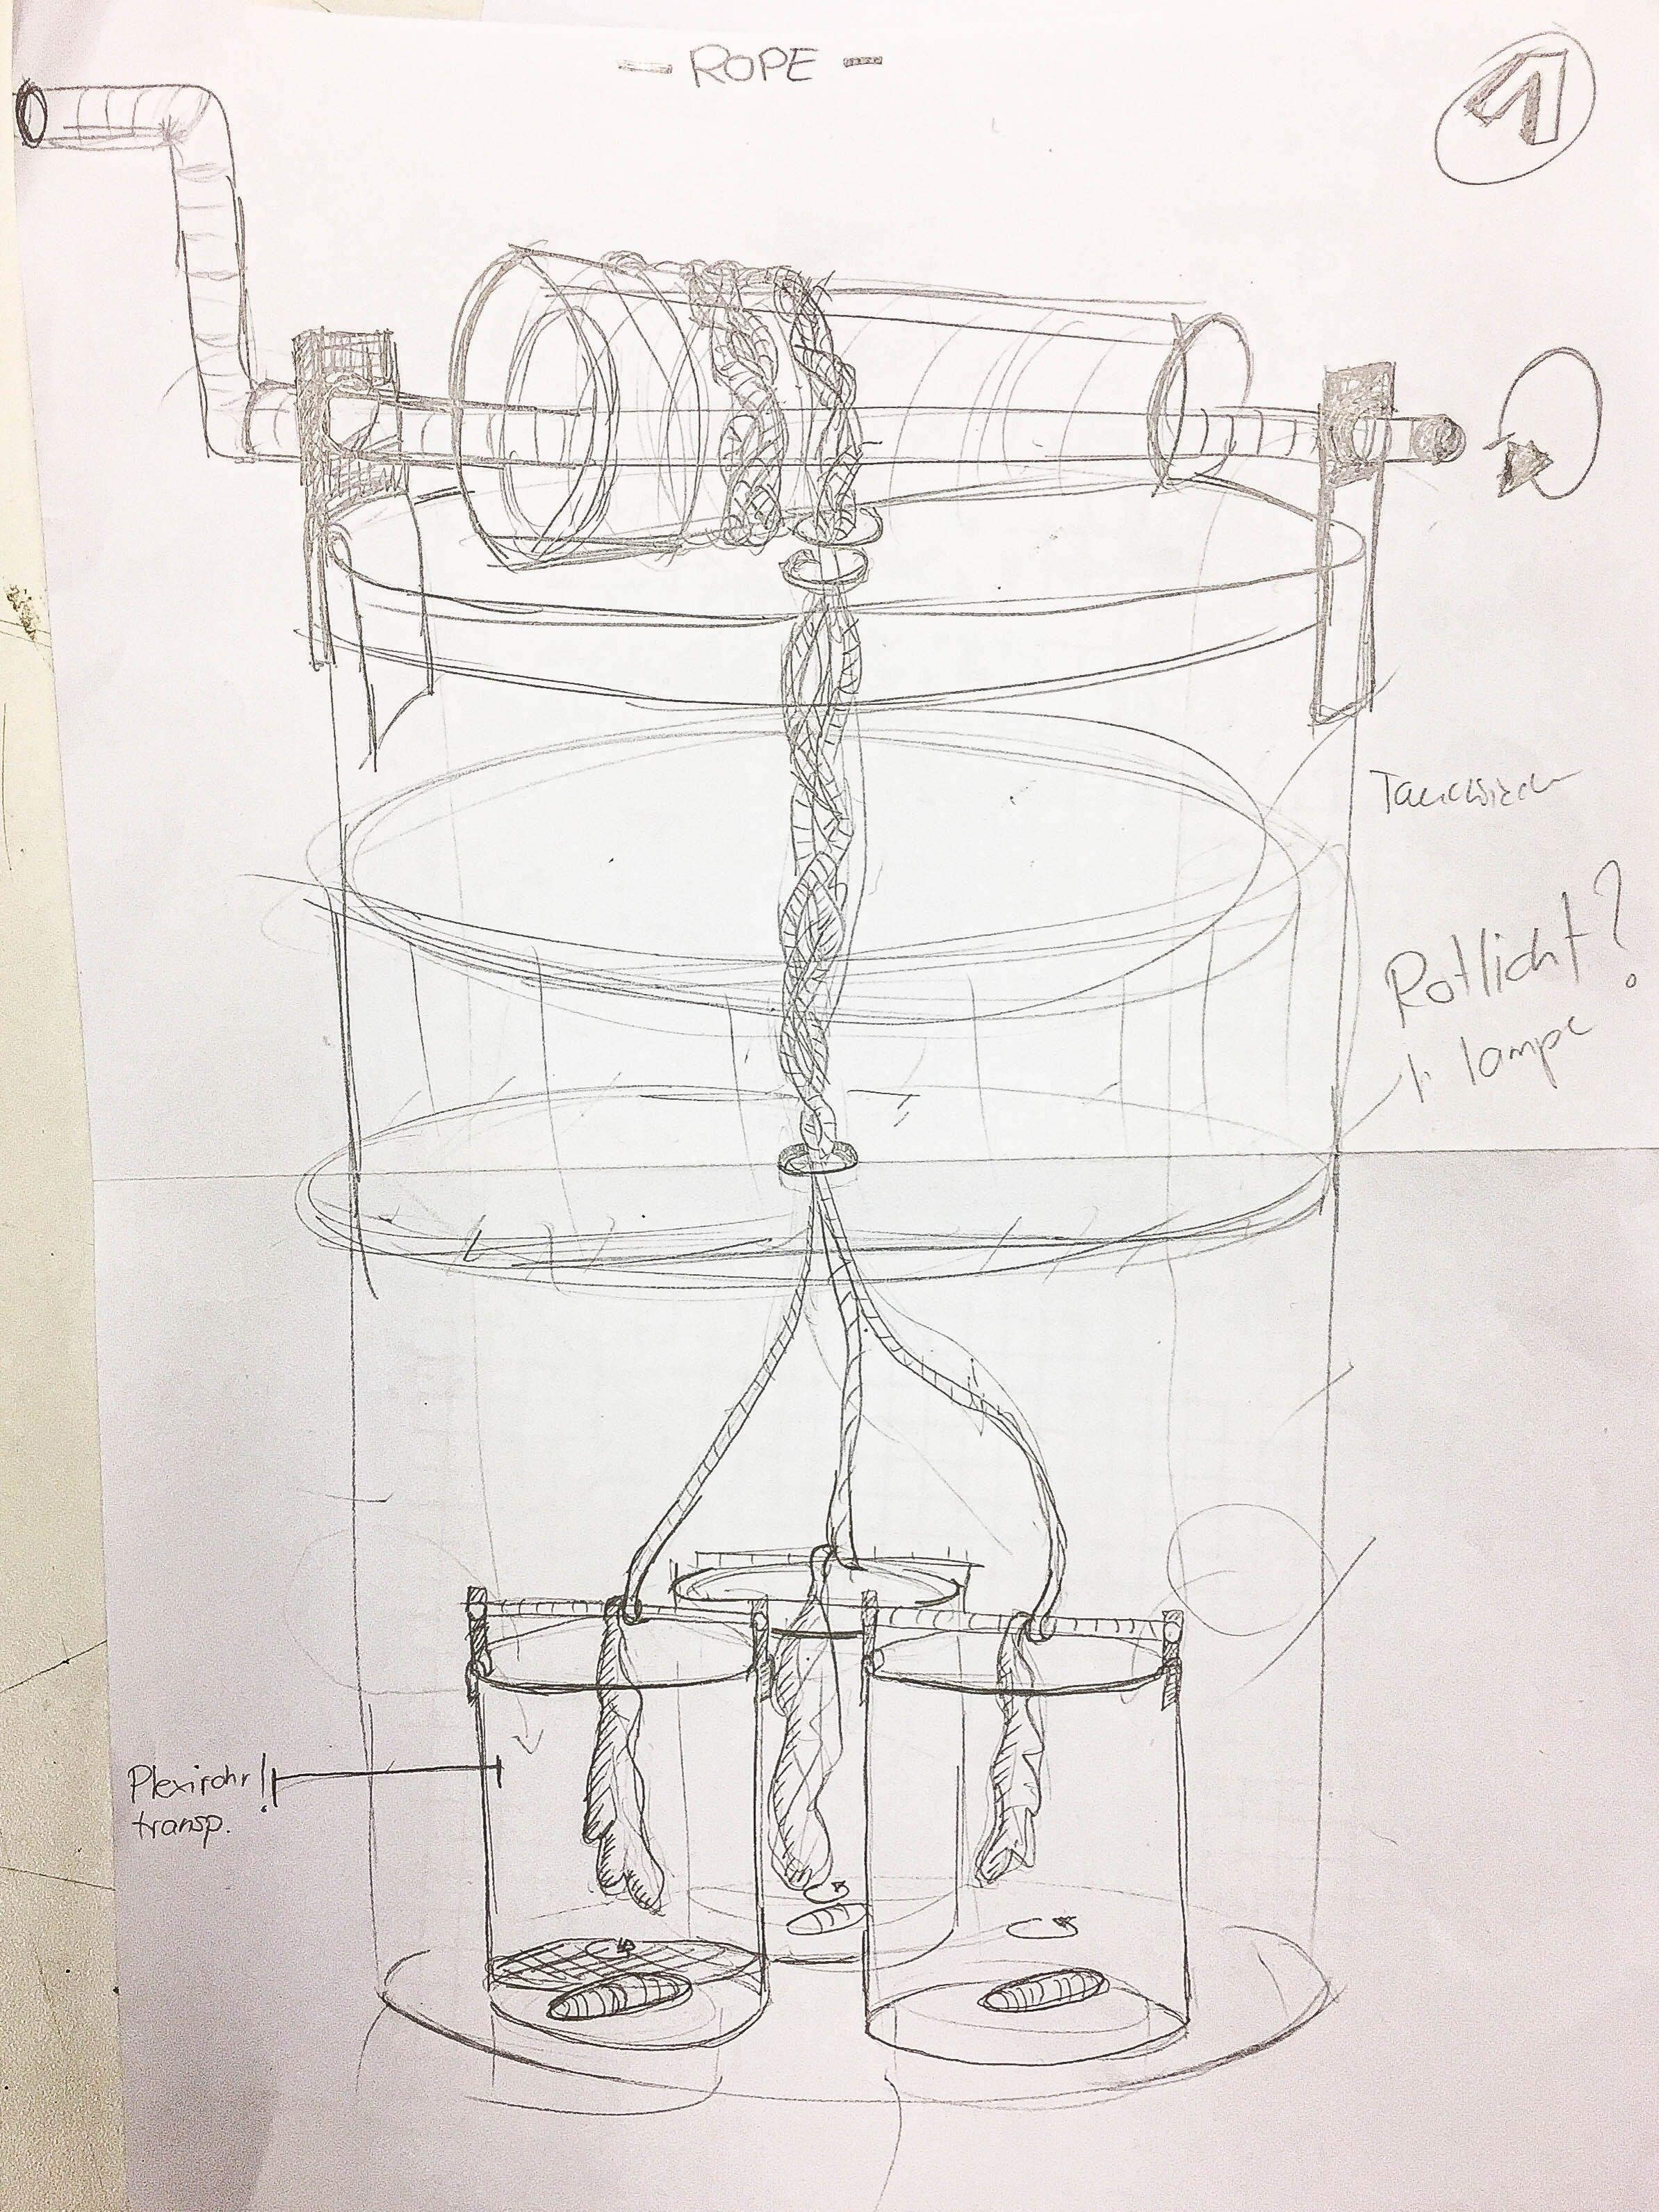 First Vortex prototyping sketch